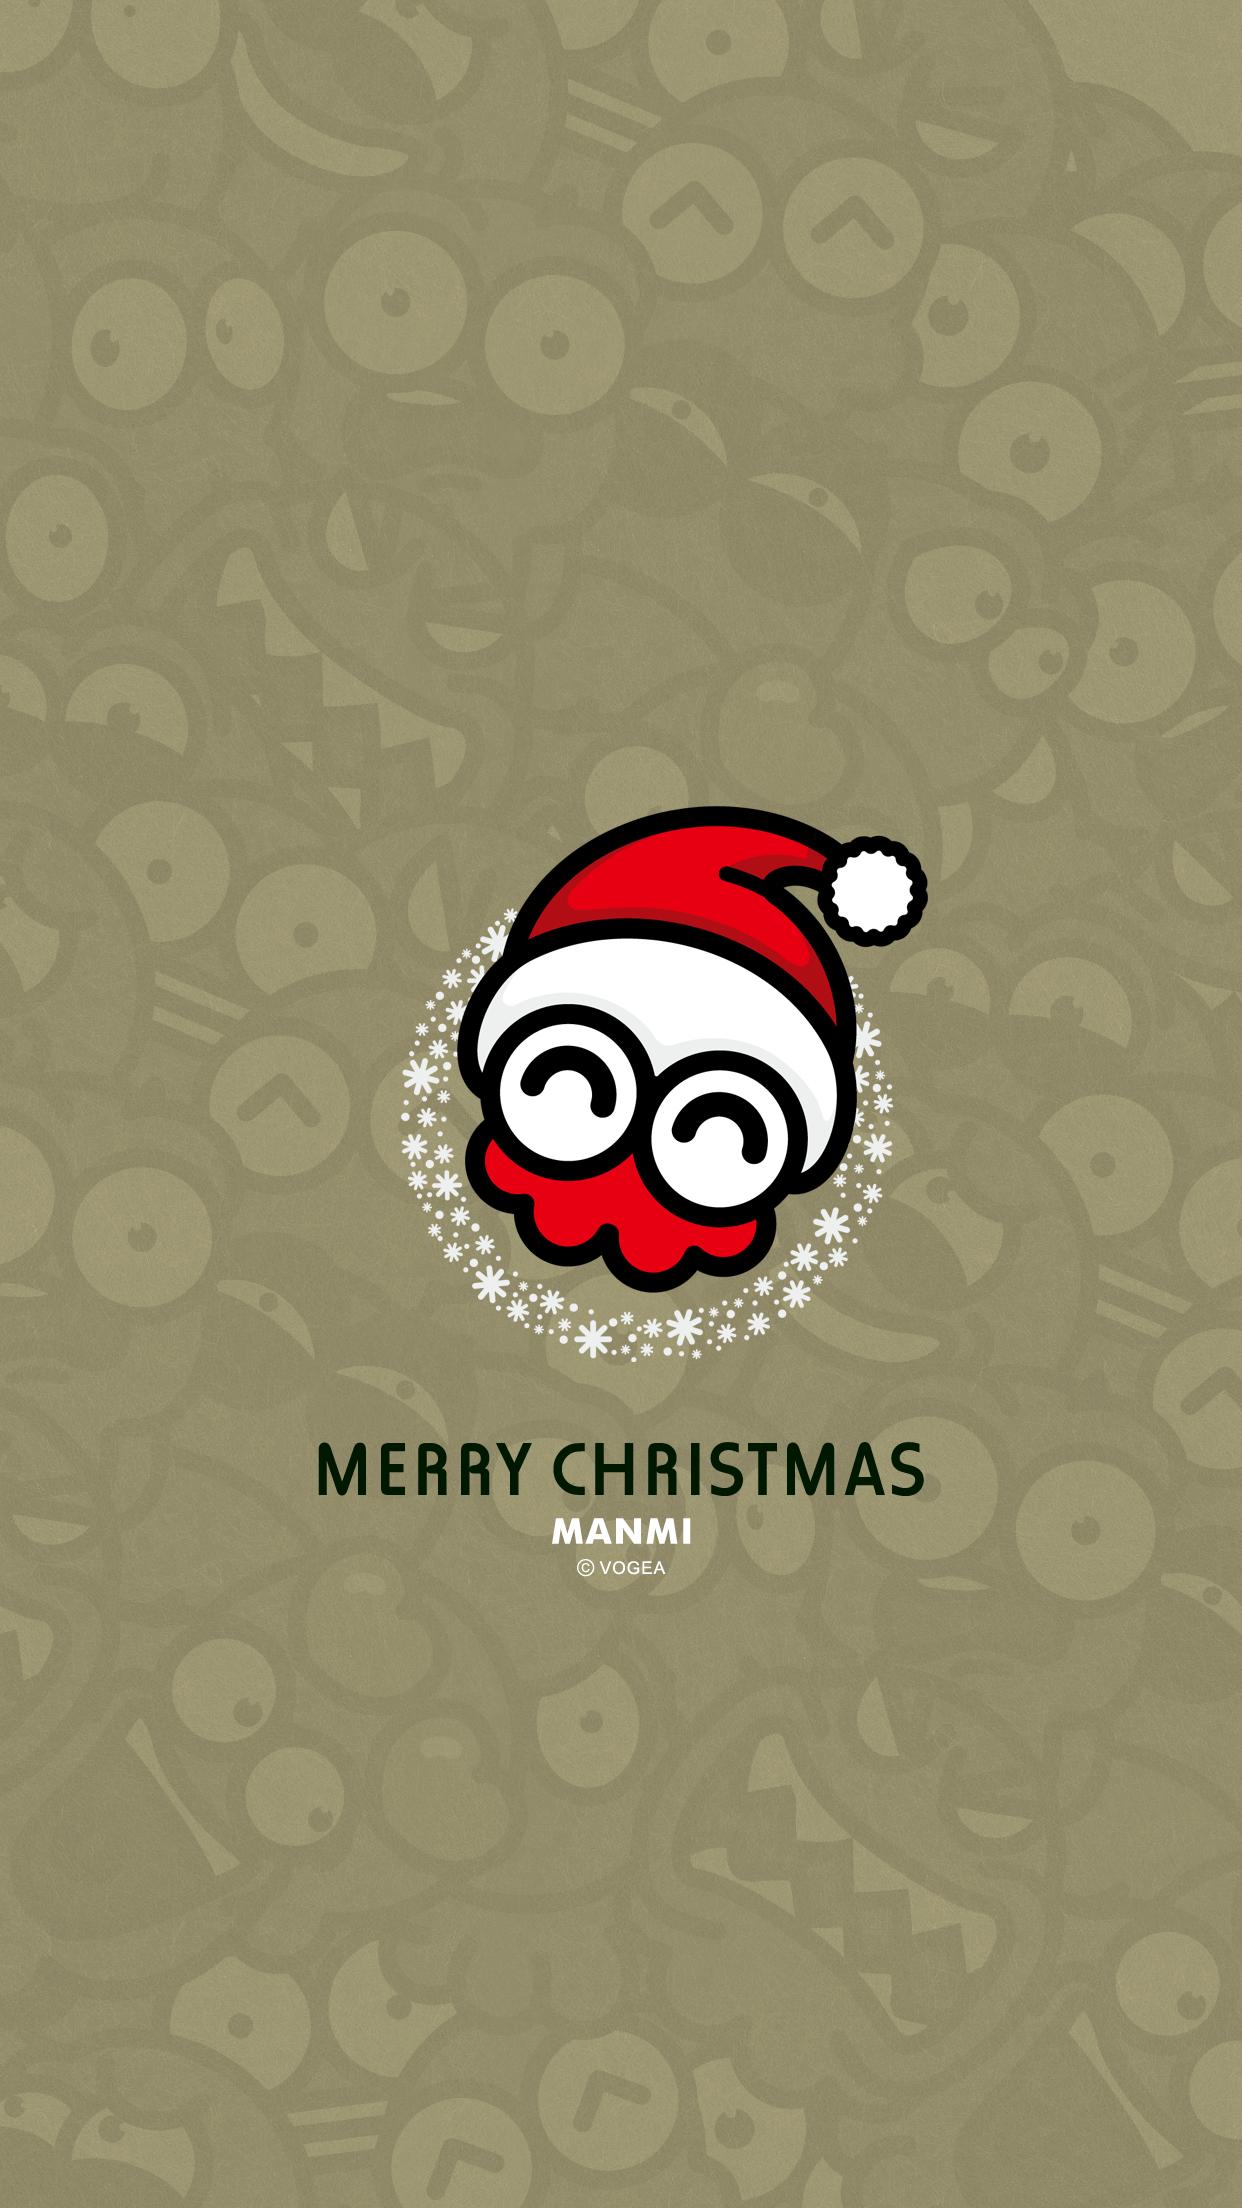 漫迷章小漫圣诞壁纸